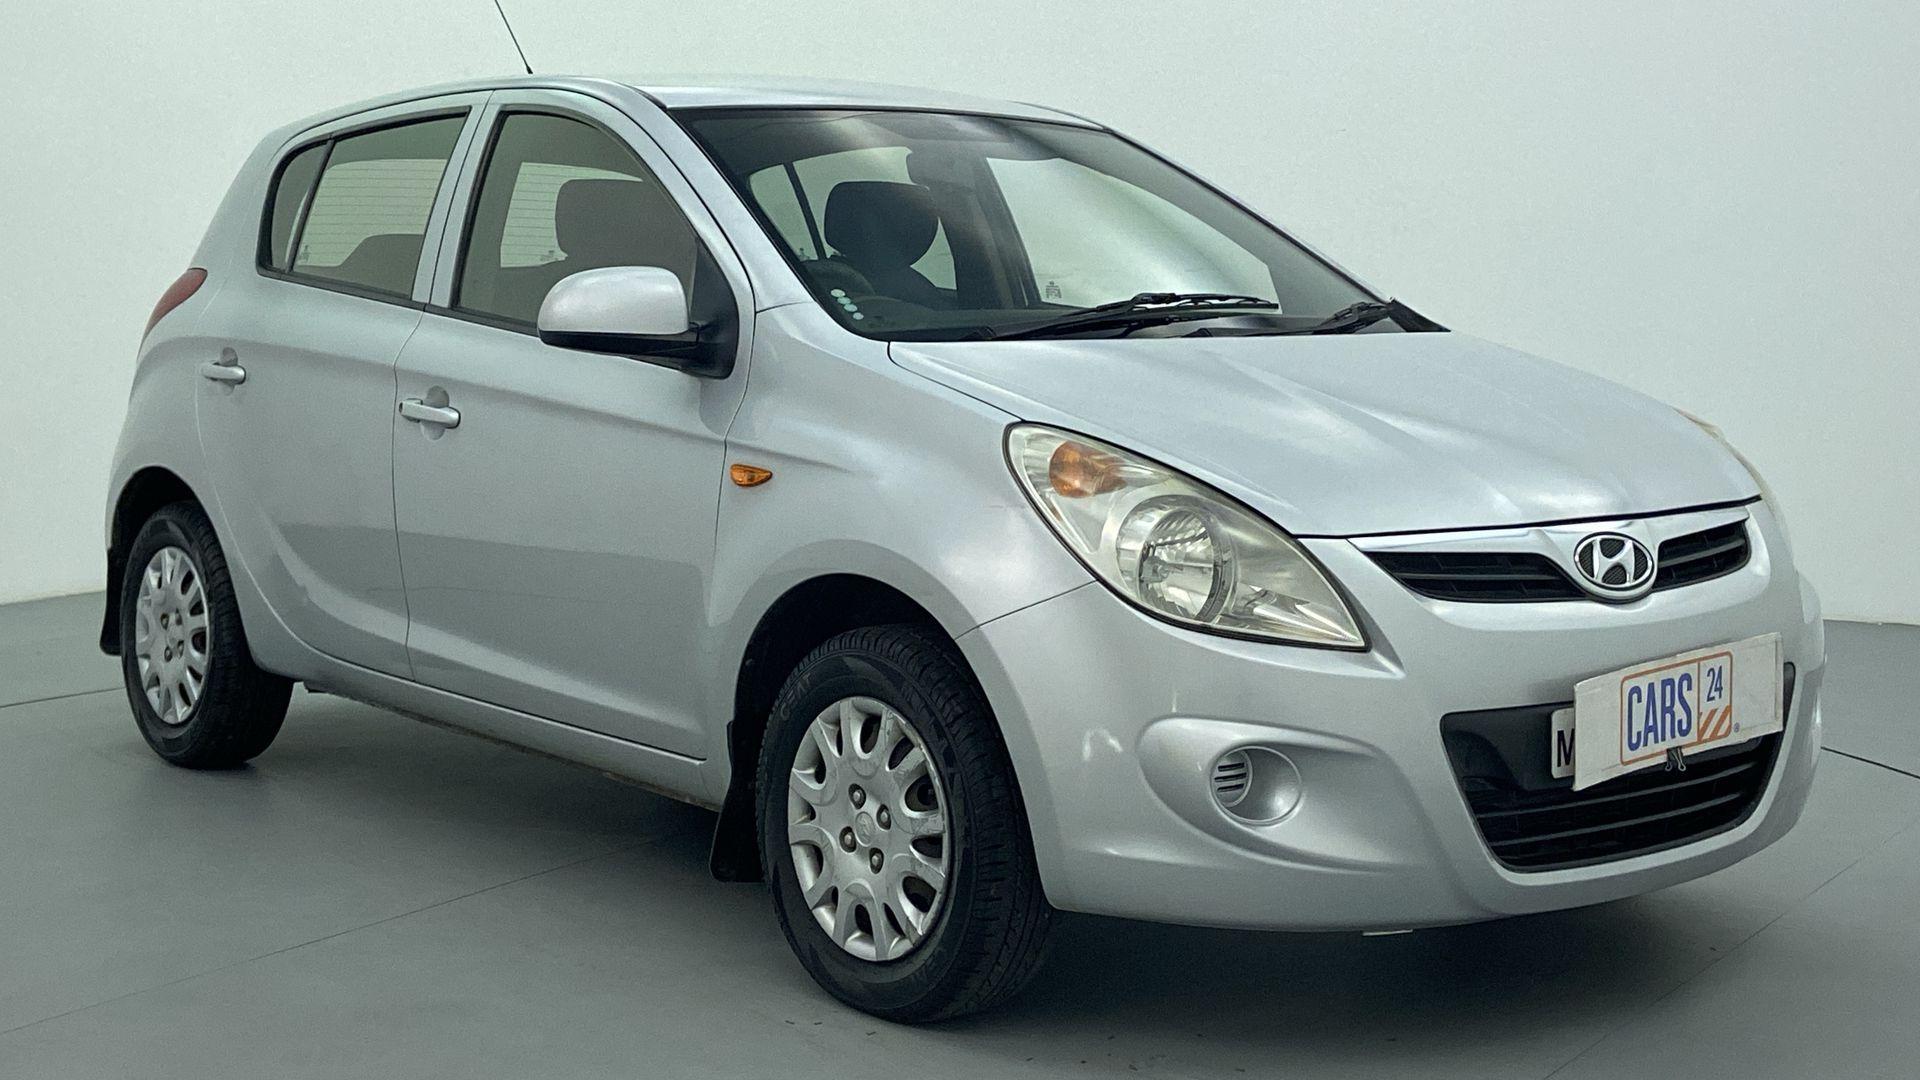 2011 Hyundai i20 MAGNA O 1.2